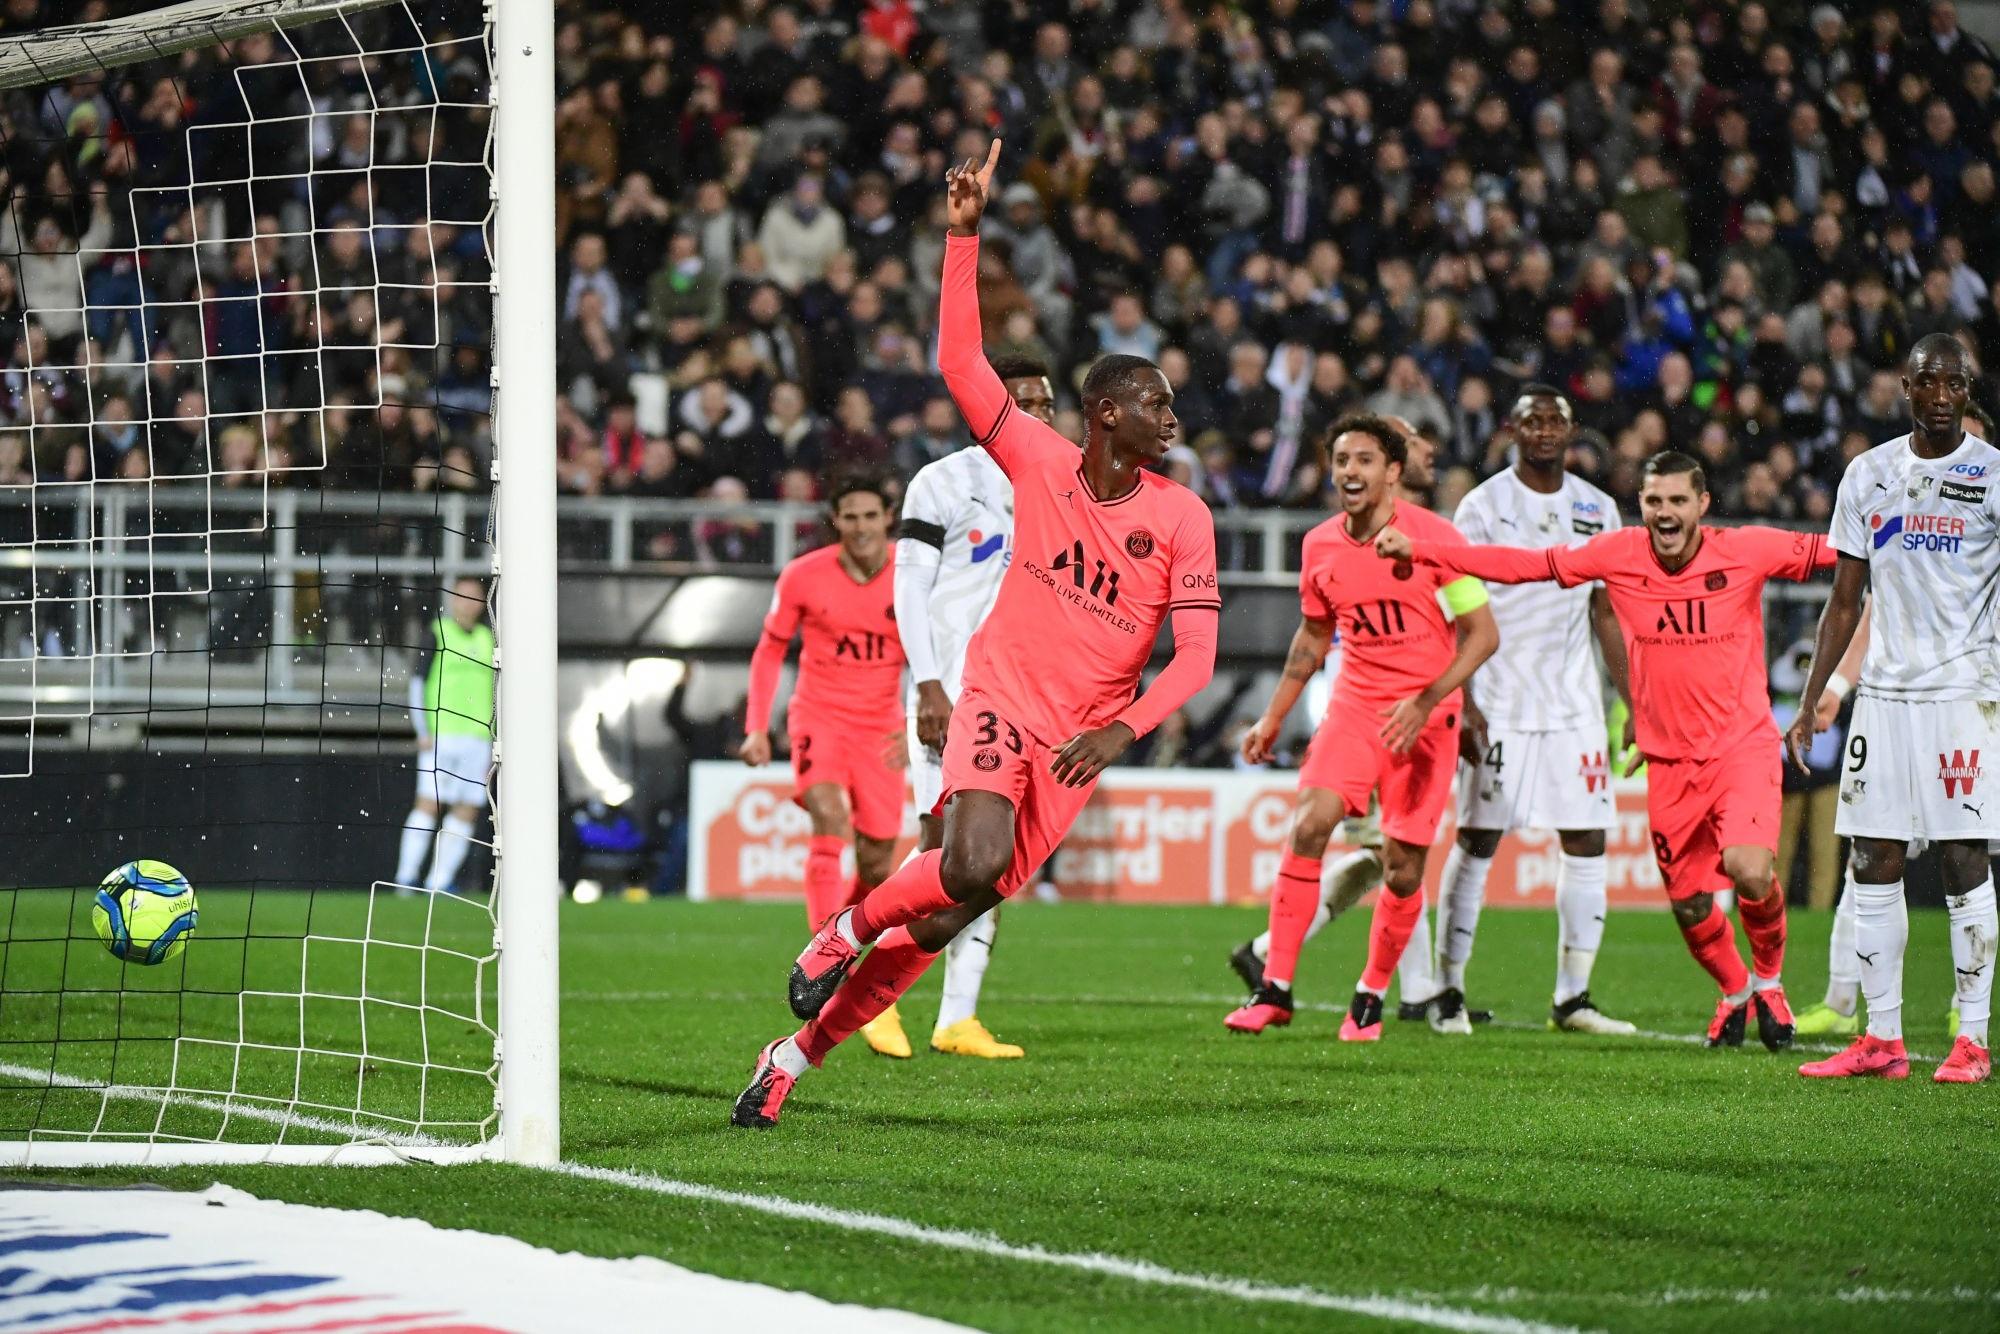 Mercato - Kouassi a été contacté par le Stade Rennais, selon Ouest-France